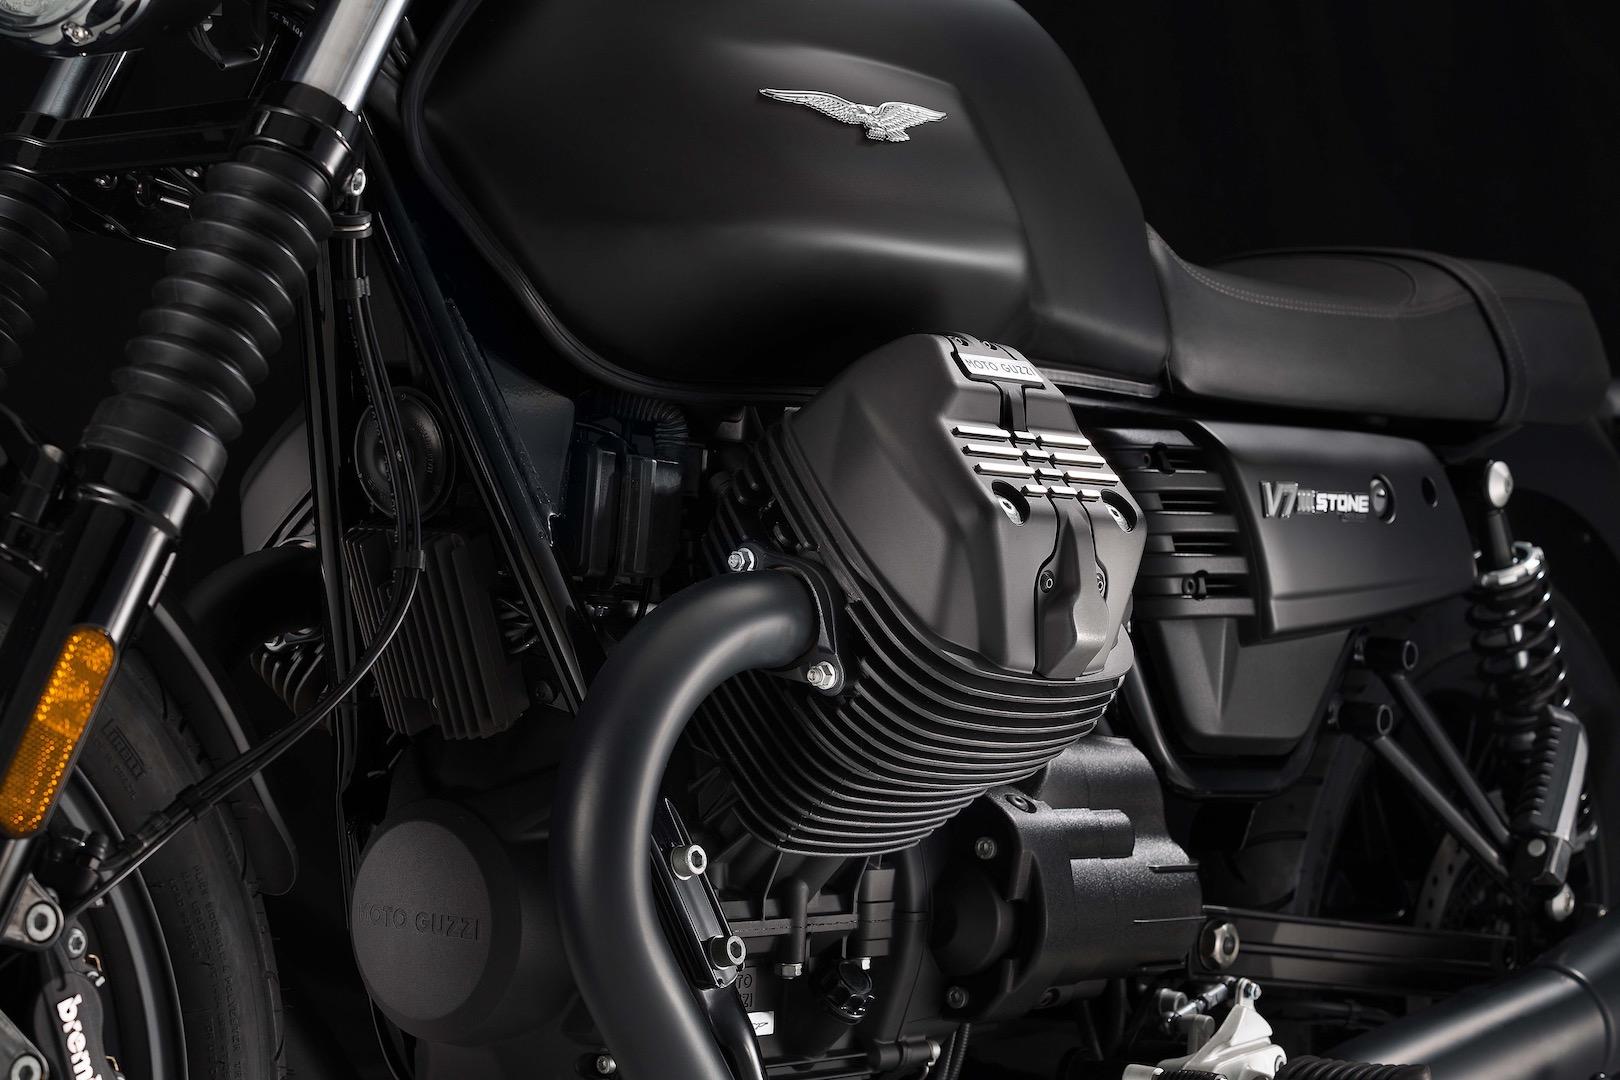 2017-moto-guzzi-v7-iii-stone-preview